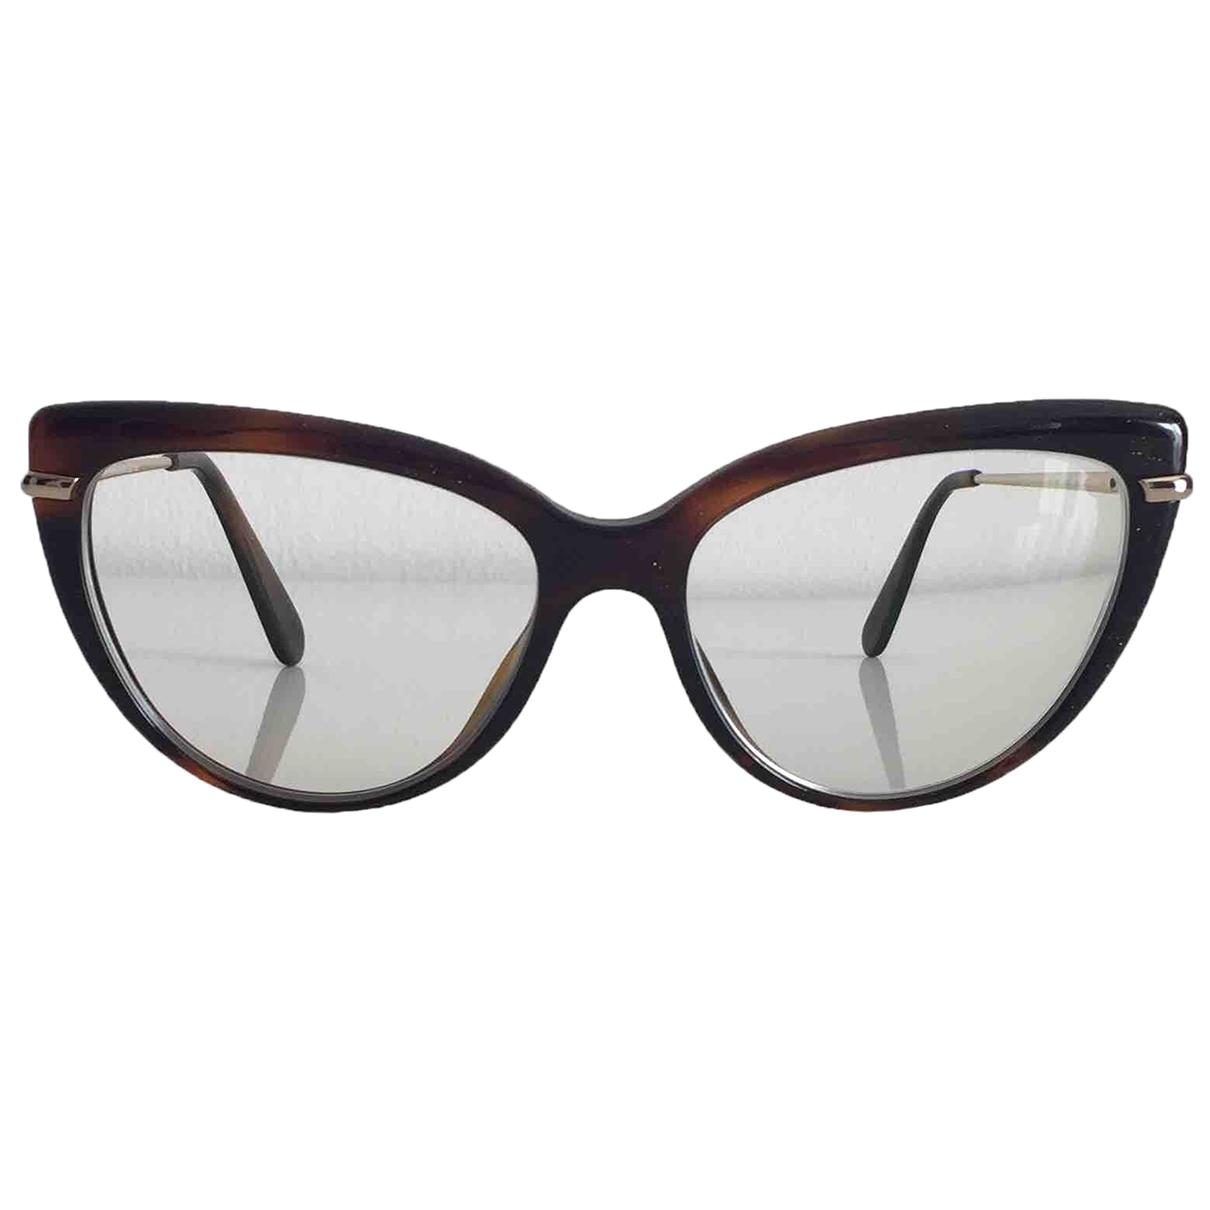 Marc Jacobs - Lunettes   pour femme - marron